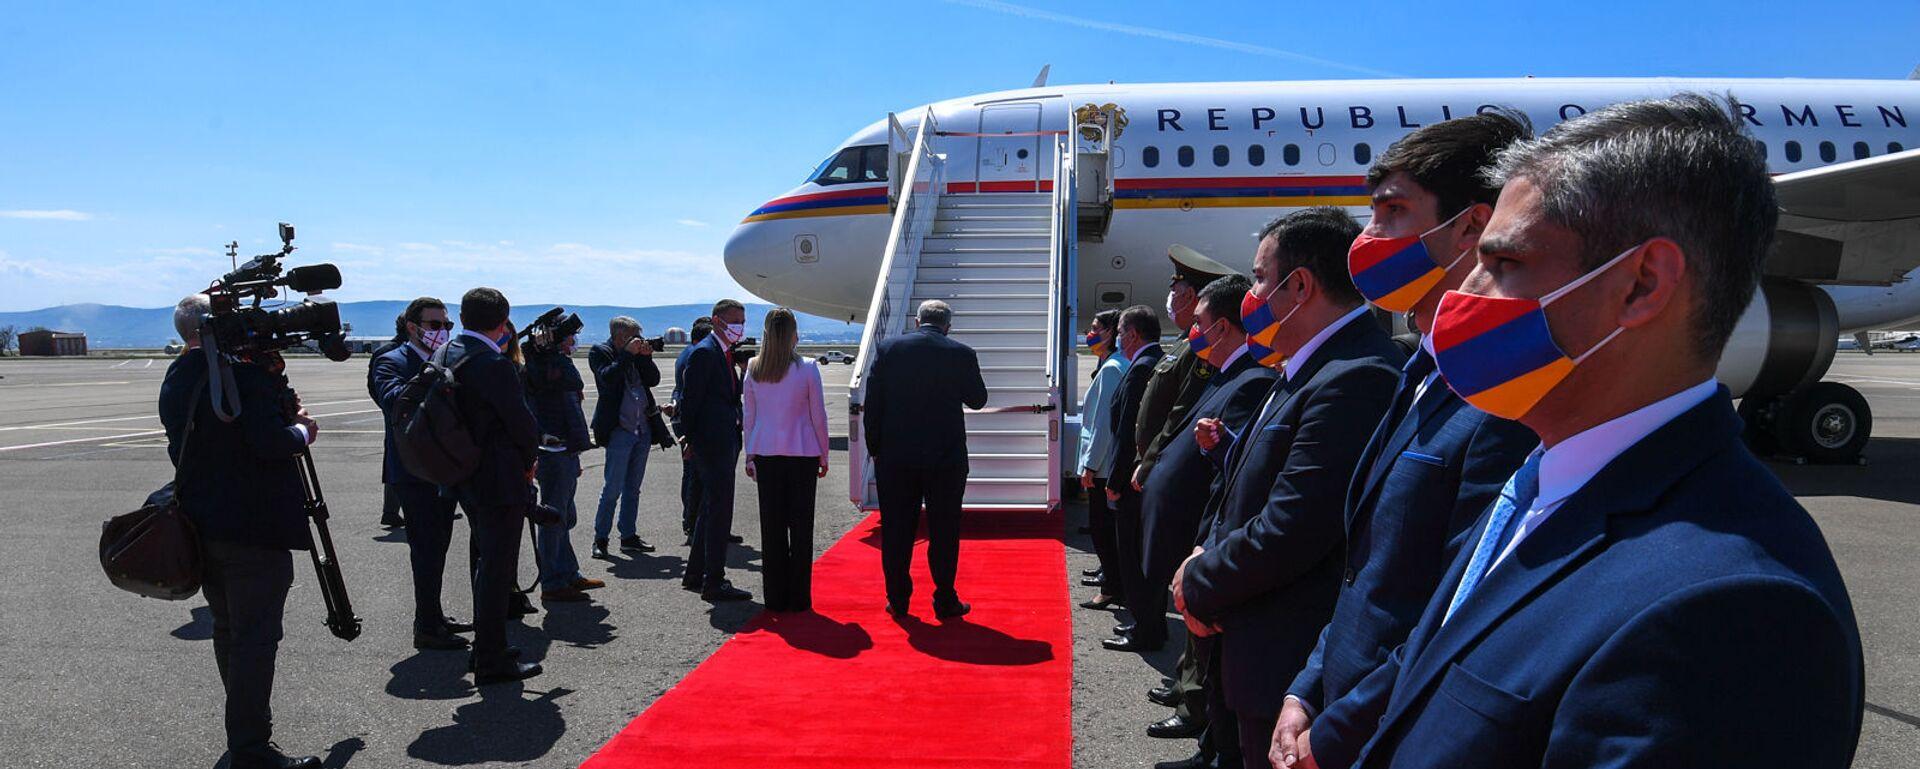 Президент Армении Армен Саркисян вместе с супругой Нуне Саркисян с официальным визитом прибыл в Грузию (15 апреля 2021). Тбилиси - Sputnik Արմենիա, 1920, 16.09.2021